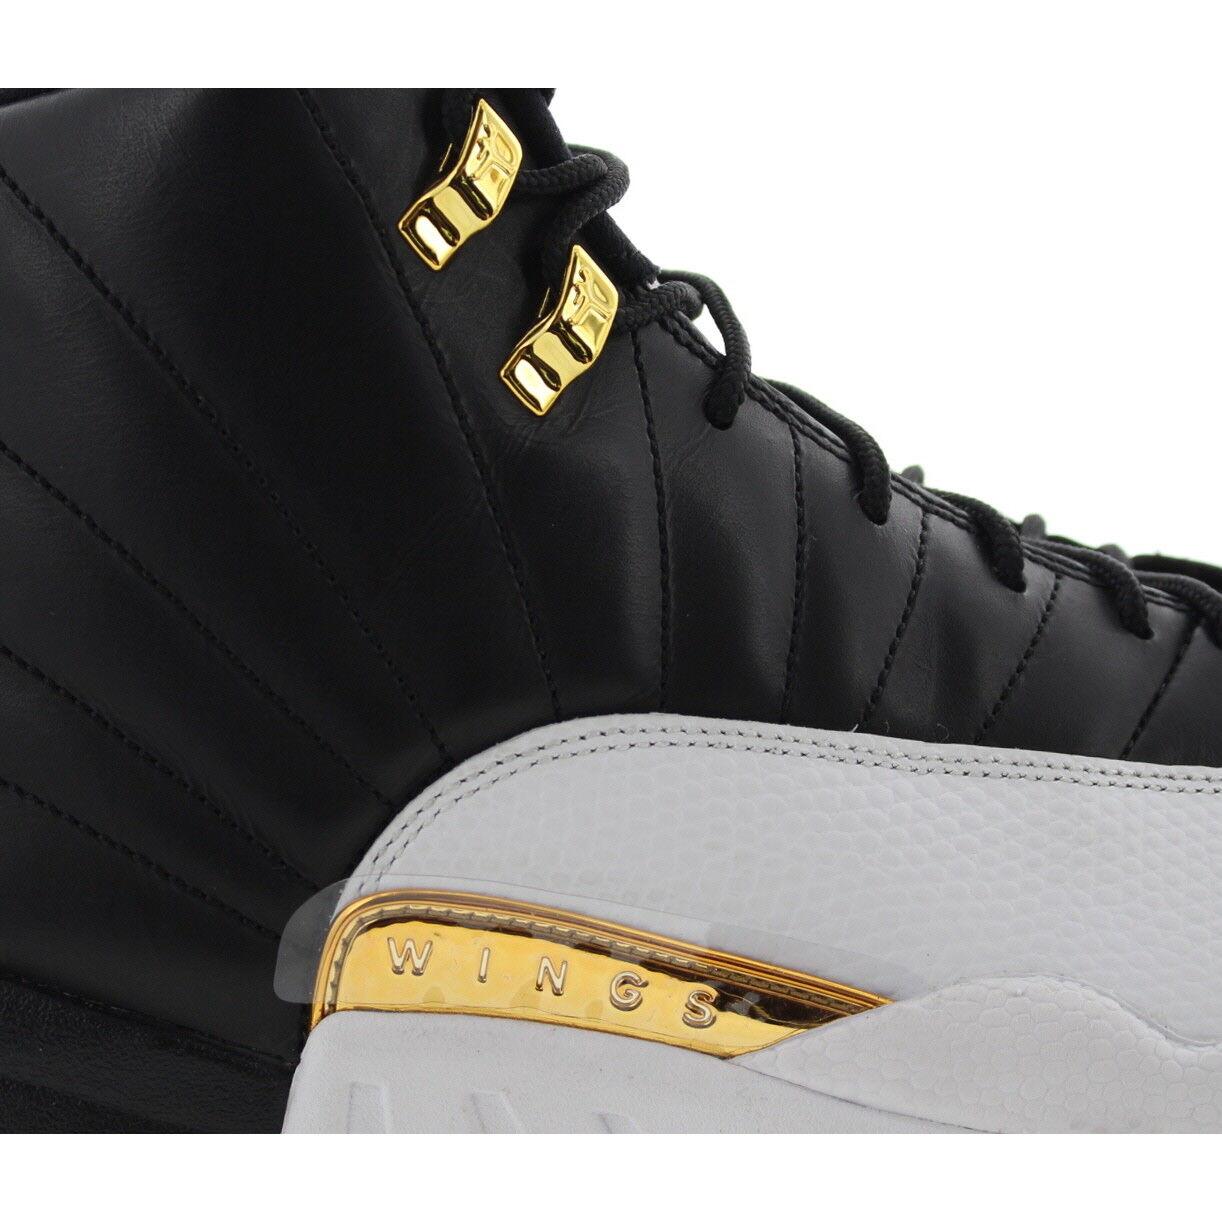 Nike air jordan 848692-033 12 limitierten xii retro - flügel limitierten 12 schuhe 9568 / 12.000 9bfb03